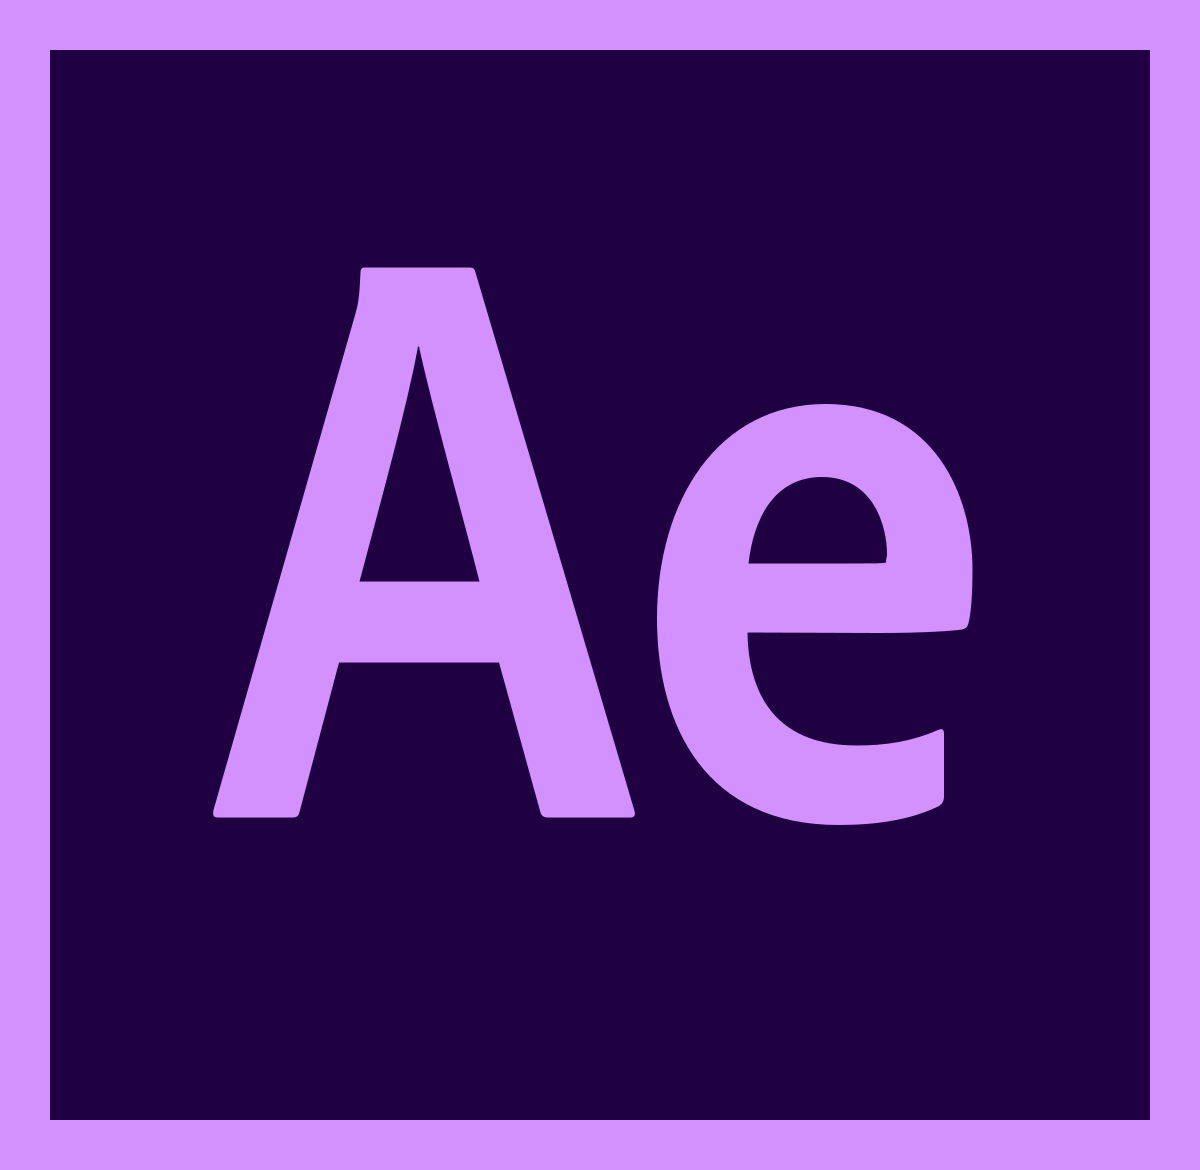 動画編集 プロも使用するソフトで制作します バラエティ番組のようなクオリティでテロップ入れします!